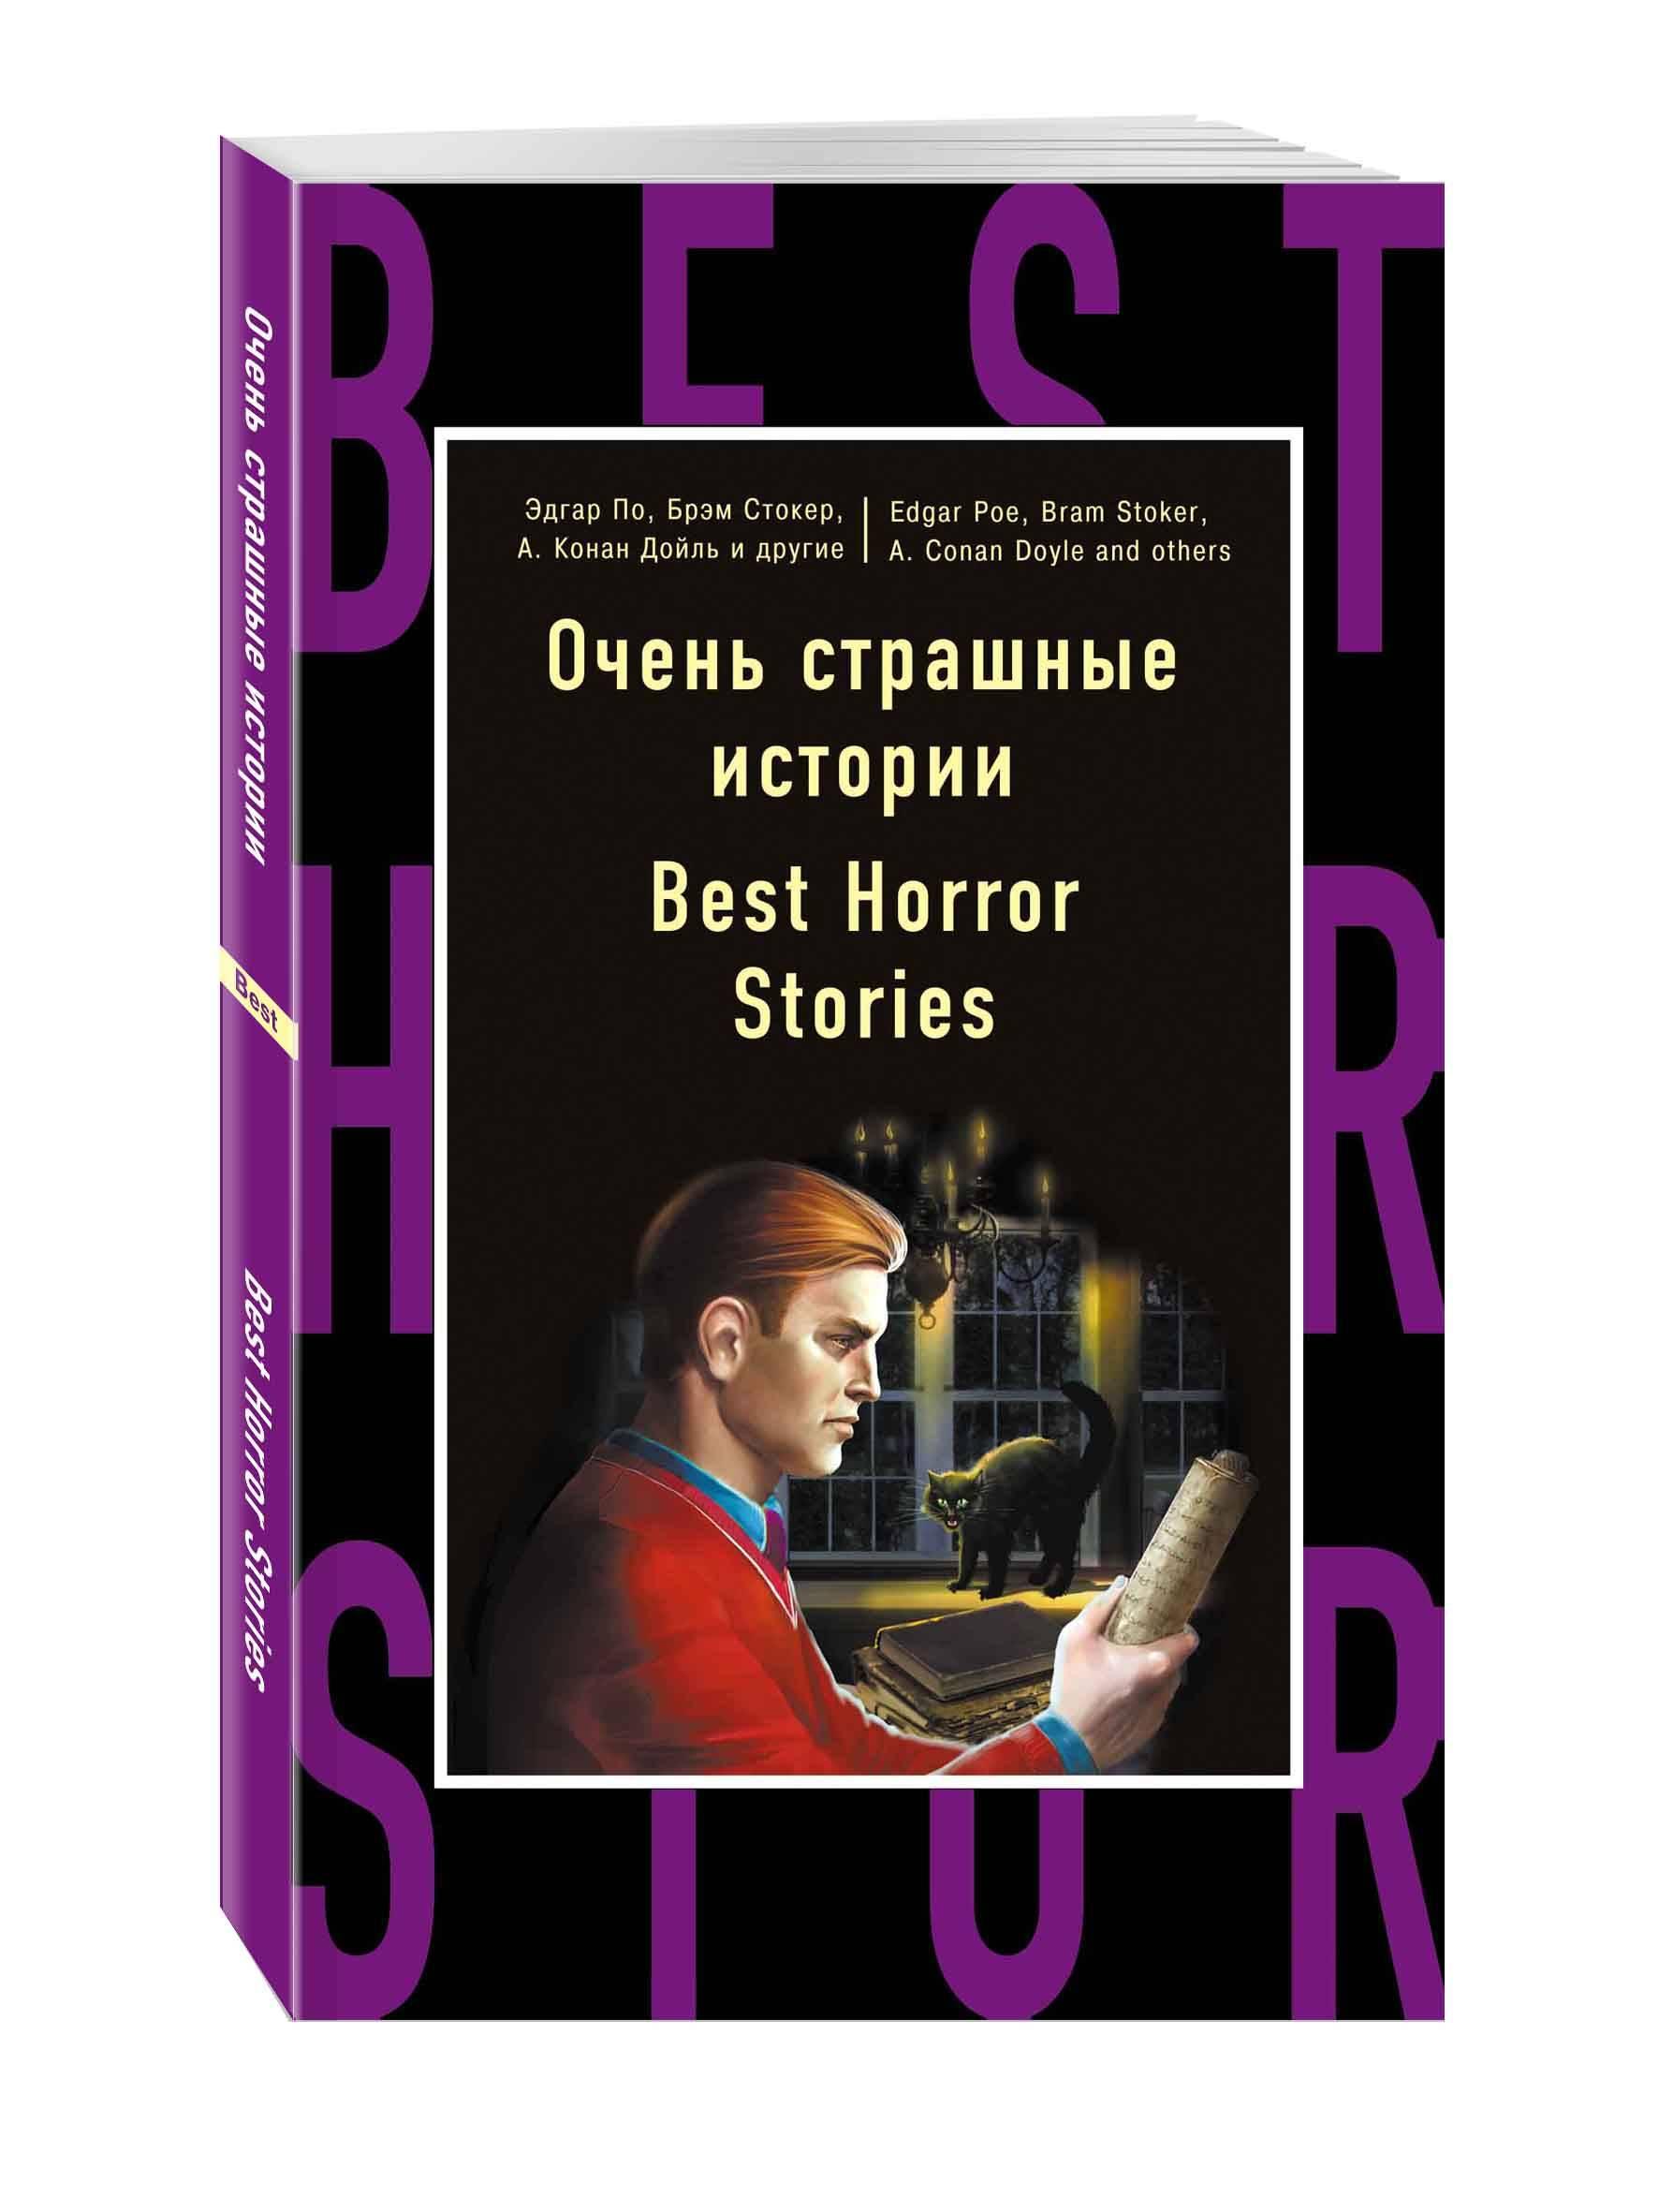 Эдгар По, Брэм Стокер, Артур Конан Дойль и др. Очень страшные истории = Best Horror Stories horror stories